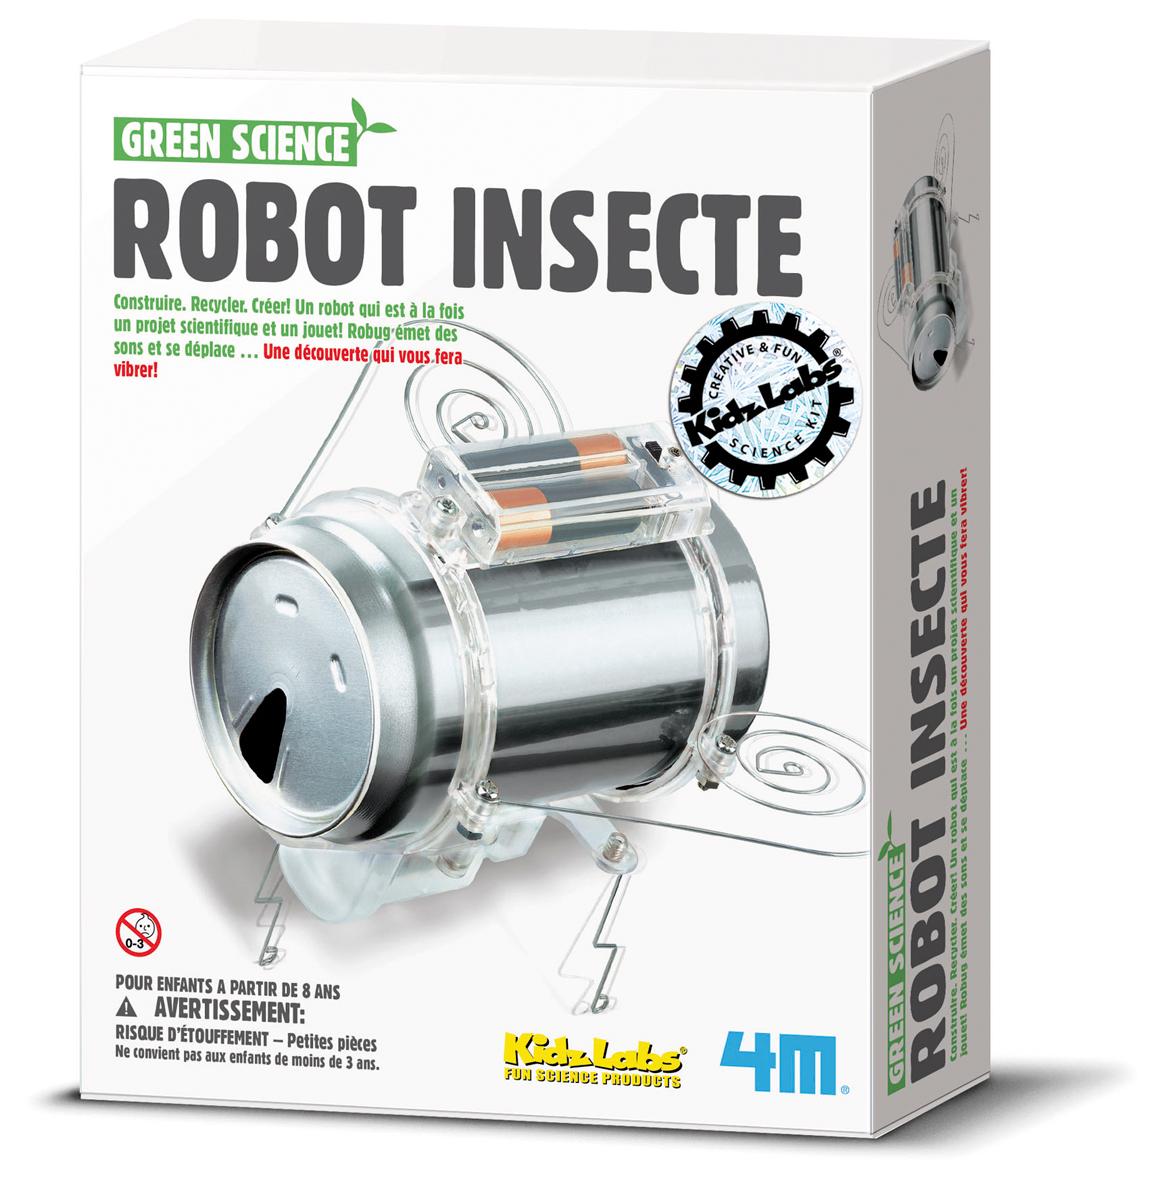 Robot insecte, jeu éducatif et scientifique